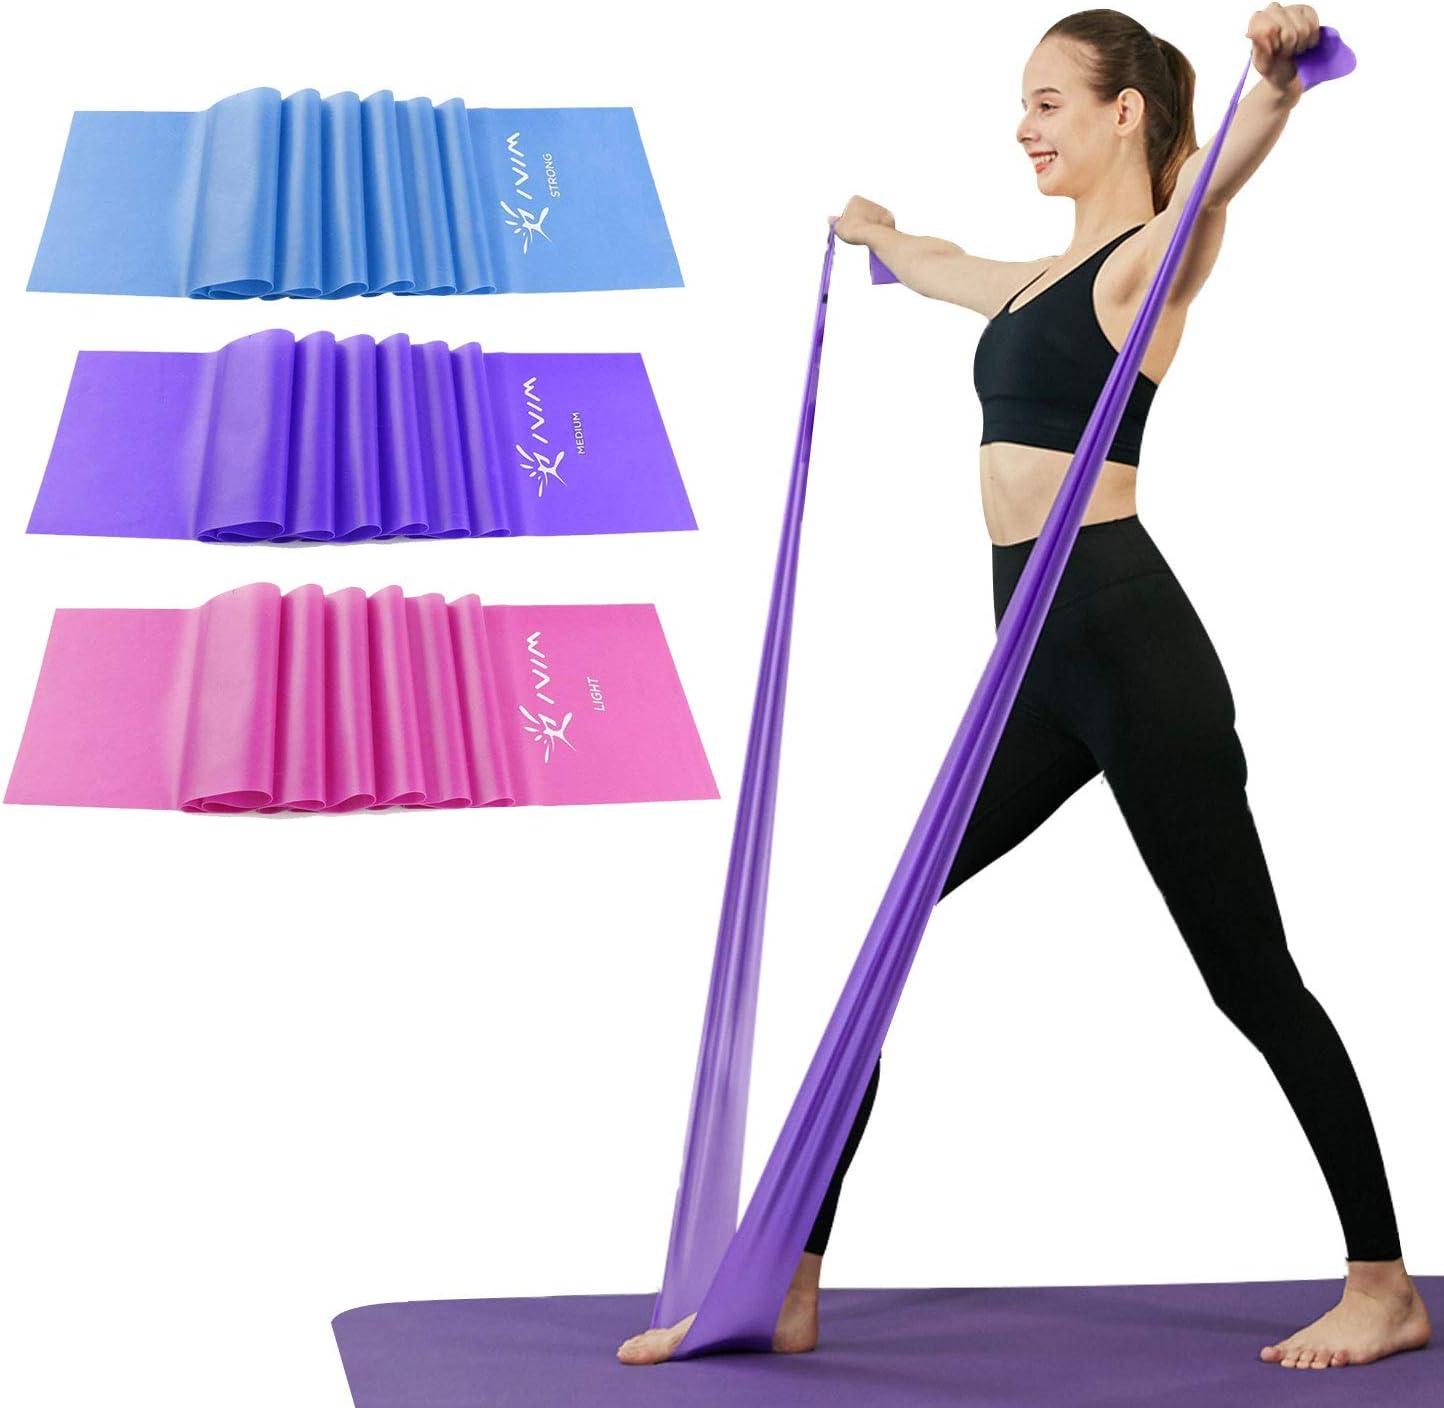 Terapia plana bandas de resistencia Set, látex libre soporte de ejercicio elástico bandas para estiramiento, flexibilidad, Pilates, Yoga, Ballet, gimnasia y rehabilitación